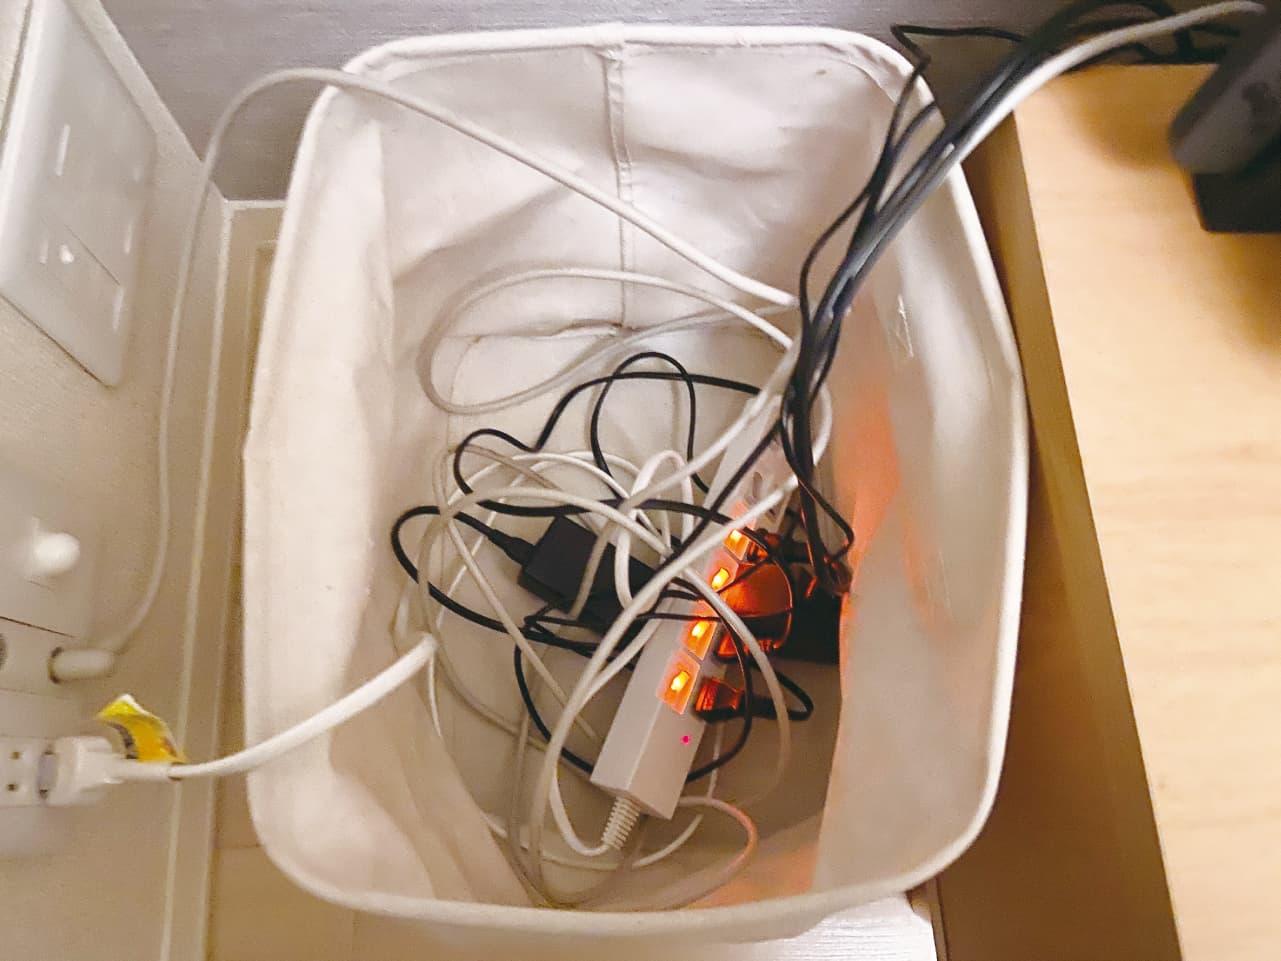 無印良品の収納ボックスに入れた配線